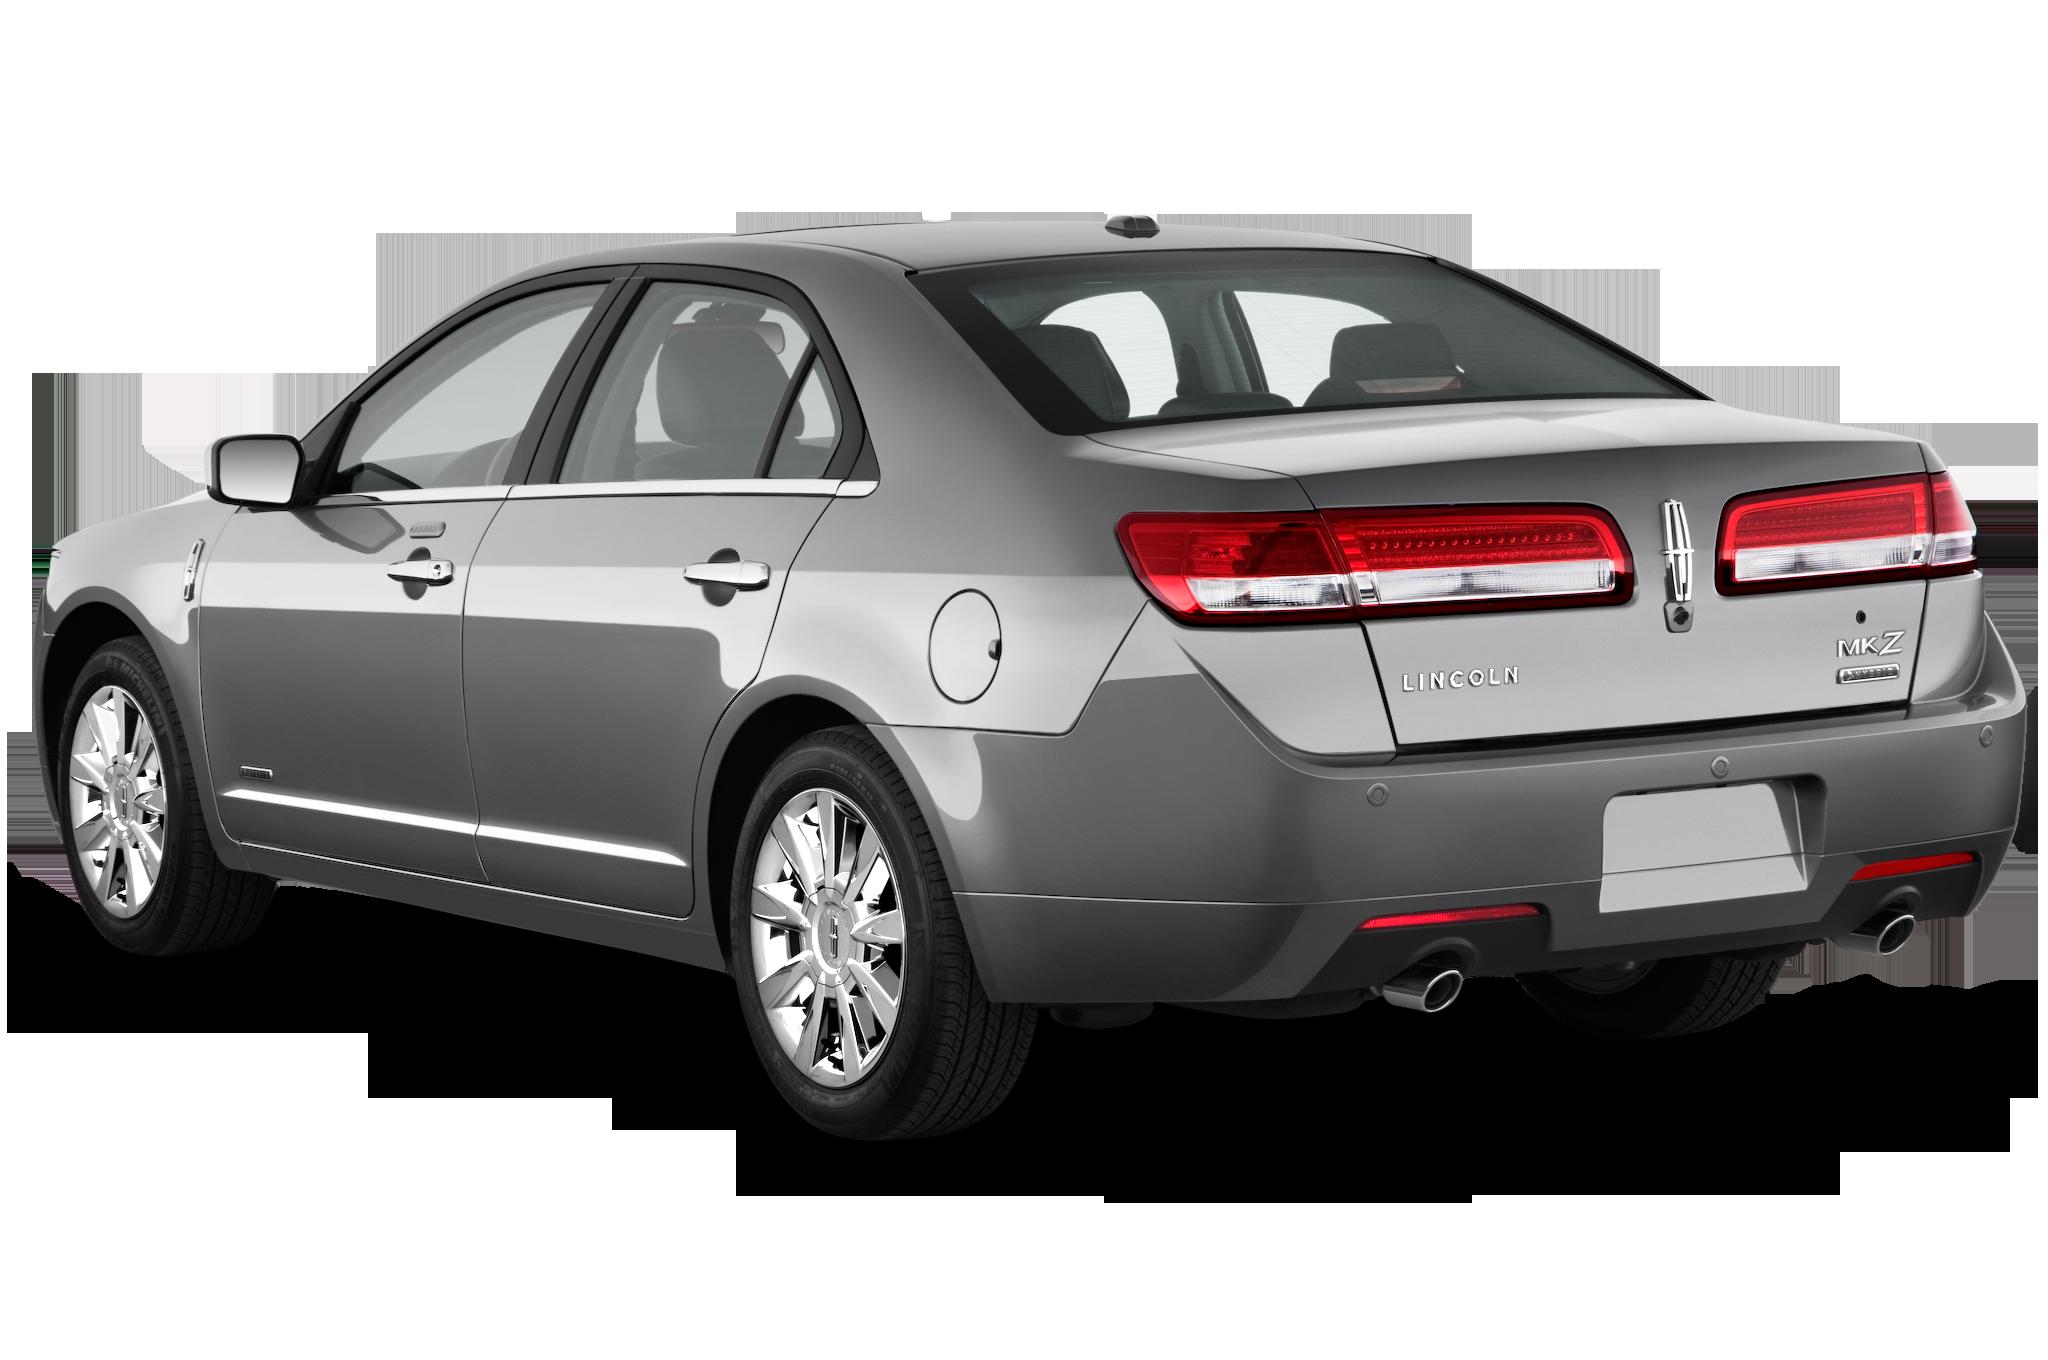 Lincoln MKZ I (Zephyr) Restyling 2009 - 2012 Sedan #6